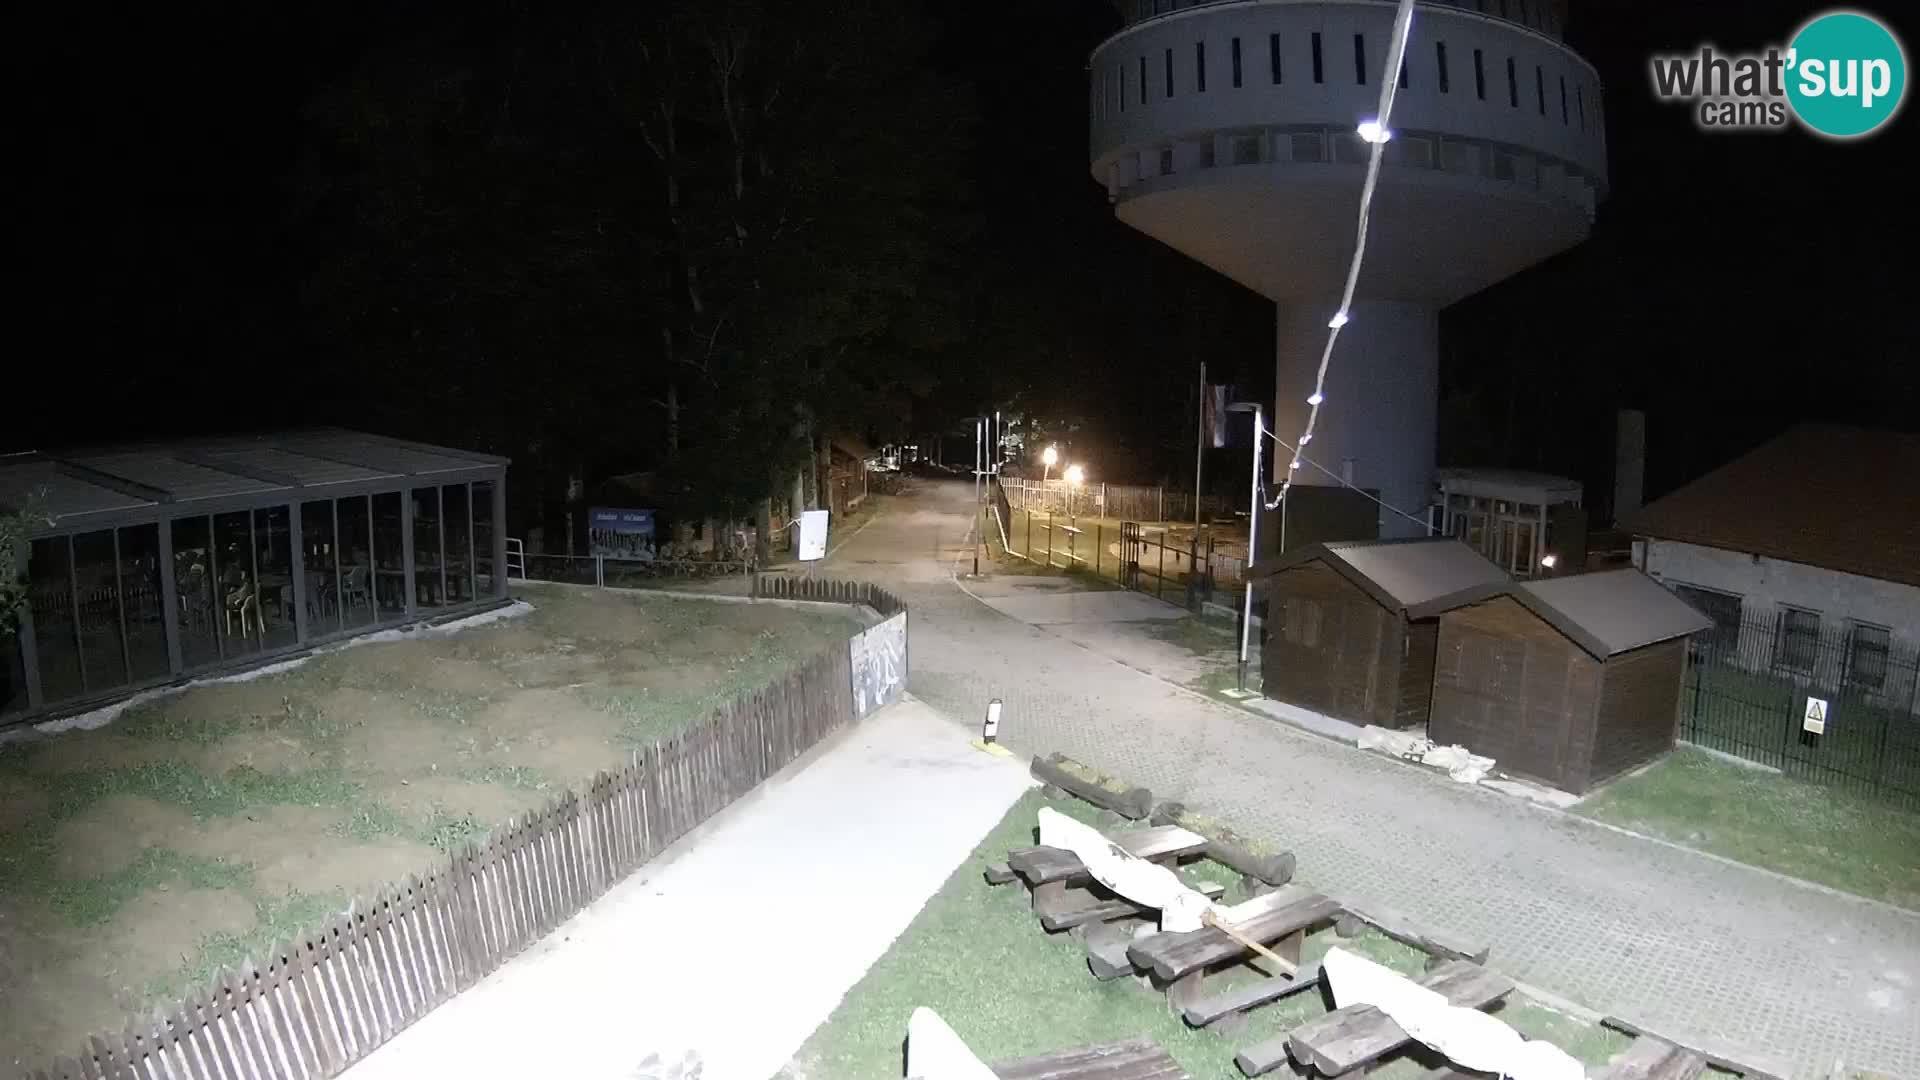 Sljeme – Medvednica – Ski-Zentrum in der Nähe von Zagreb